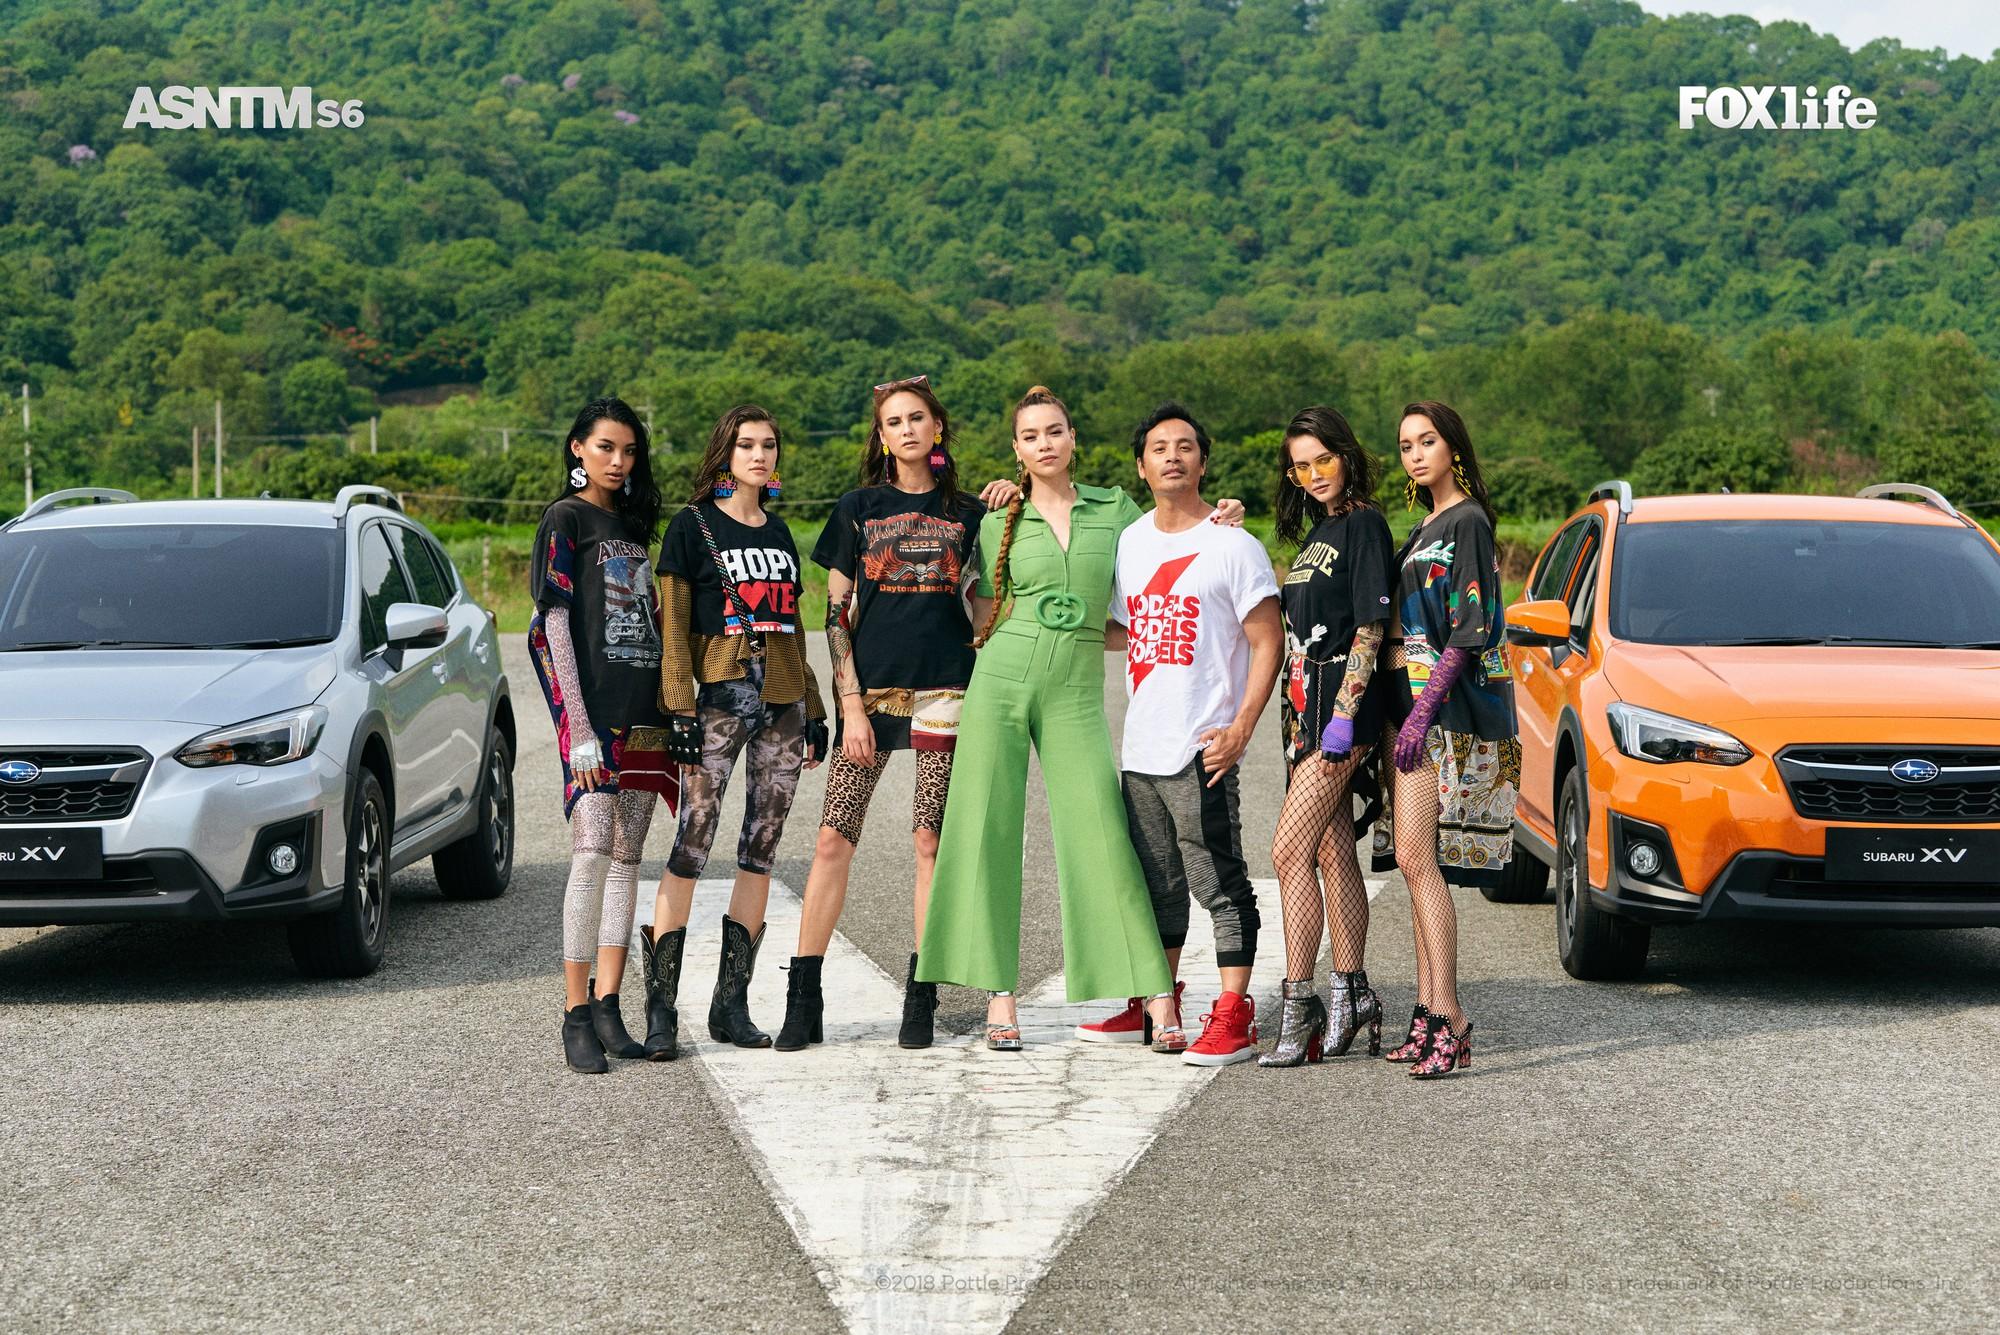 Clip: Không chỉ xuất hiện cho vui, Hồ Ngọc Hà vừa làm giám khảo, vừa lăn xả thị phạm tại Asias Next Top Model! - Ảnh 10.